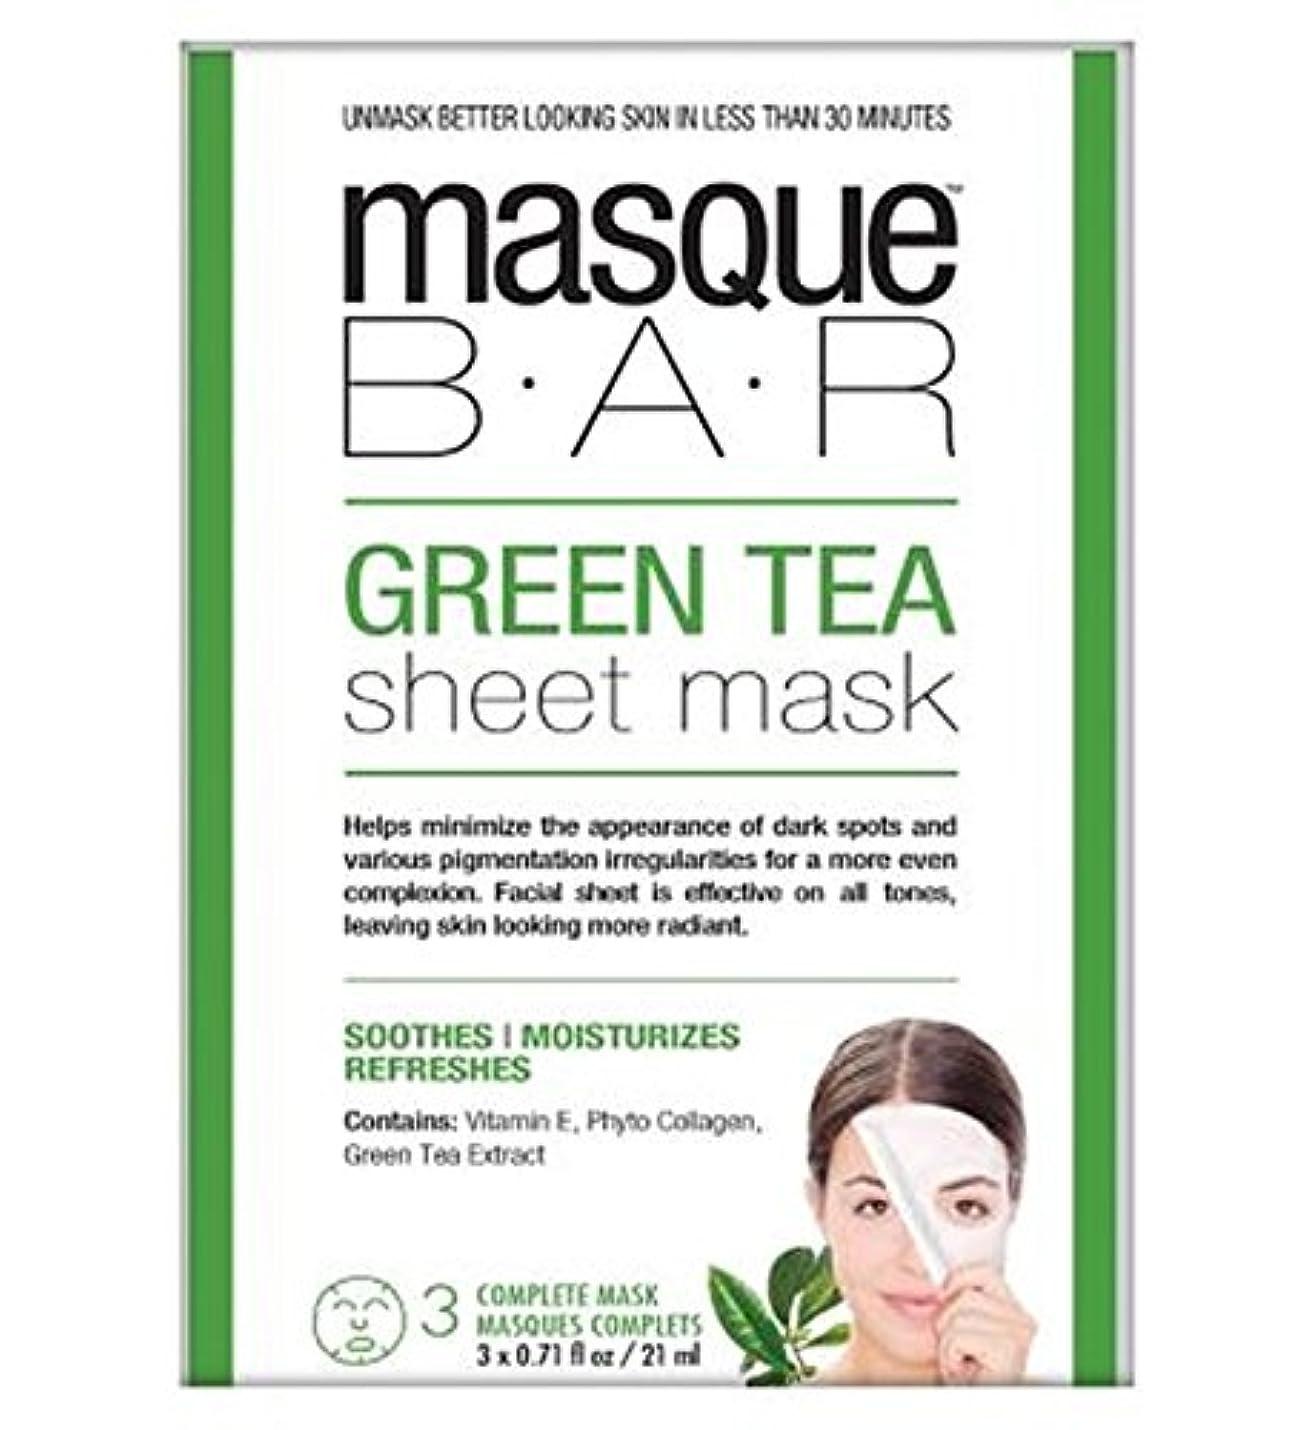 アクセスできないハンマーお祝いMasque Bar Green Tea Sheet Mask - 3 complete masks - 仮面劇バー緑茶シートマスク - 3完全なマスク (P6B Masque Bar Bt) [並行輸入品]